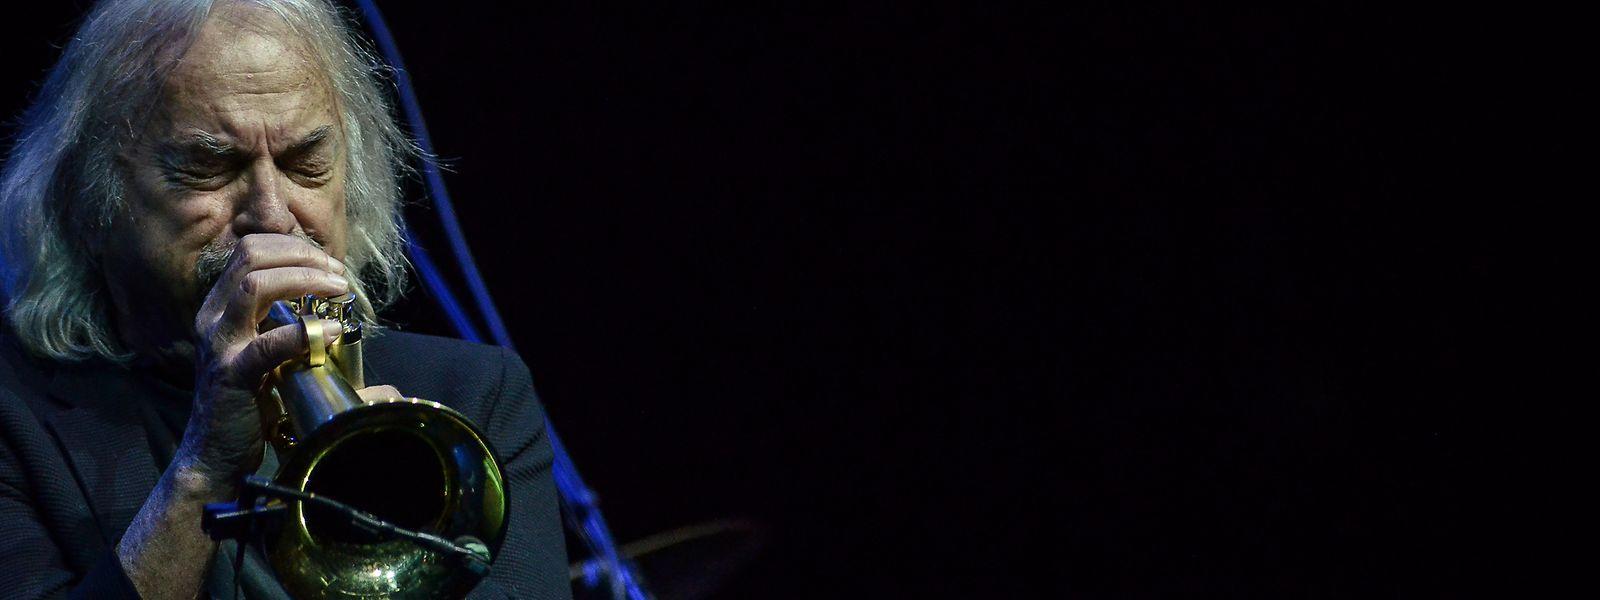 """Enrico Rava ist einer der bekanntesten Jazzmusiker Europas. Zum """"Like a Jazz Machine"""" begleitet ihn ein hochkarätiges Quintett."""